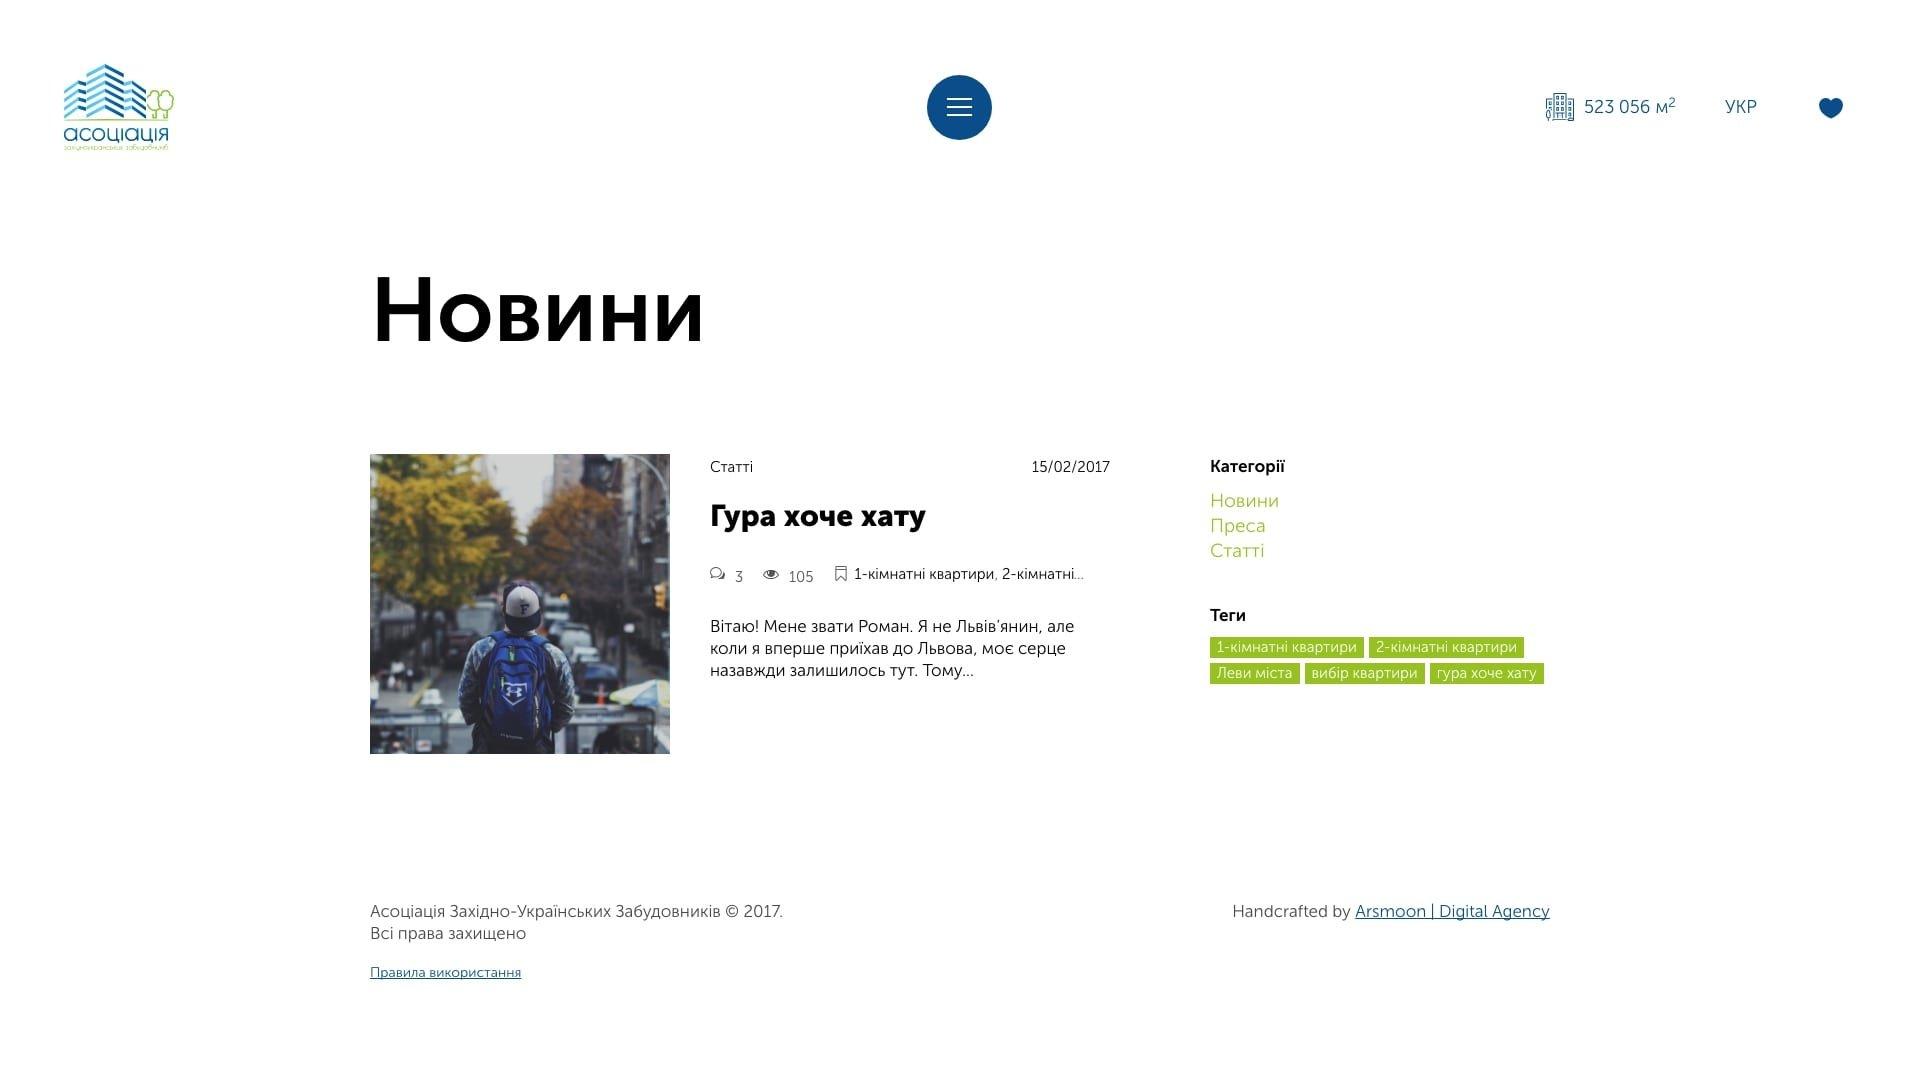 Асоціація Західно-Українських забудовників - Arsmoon  c0dce0c333470